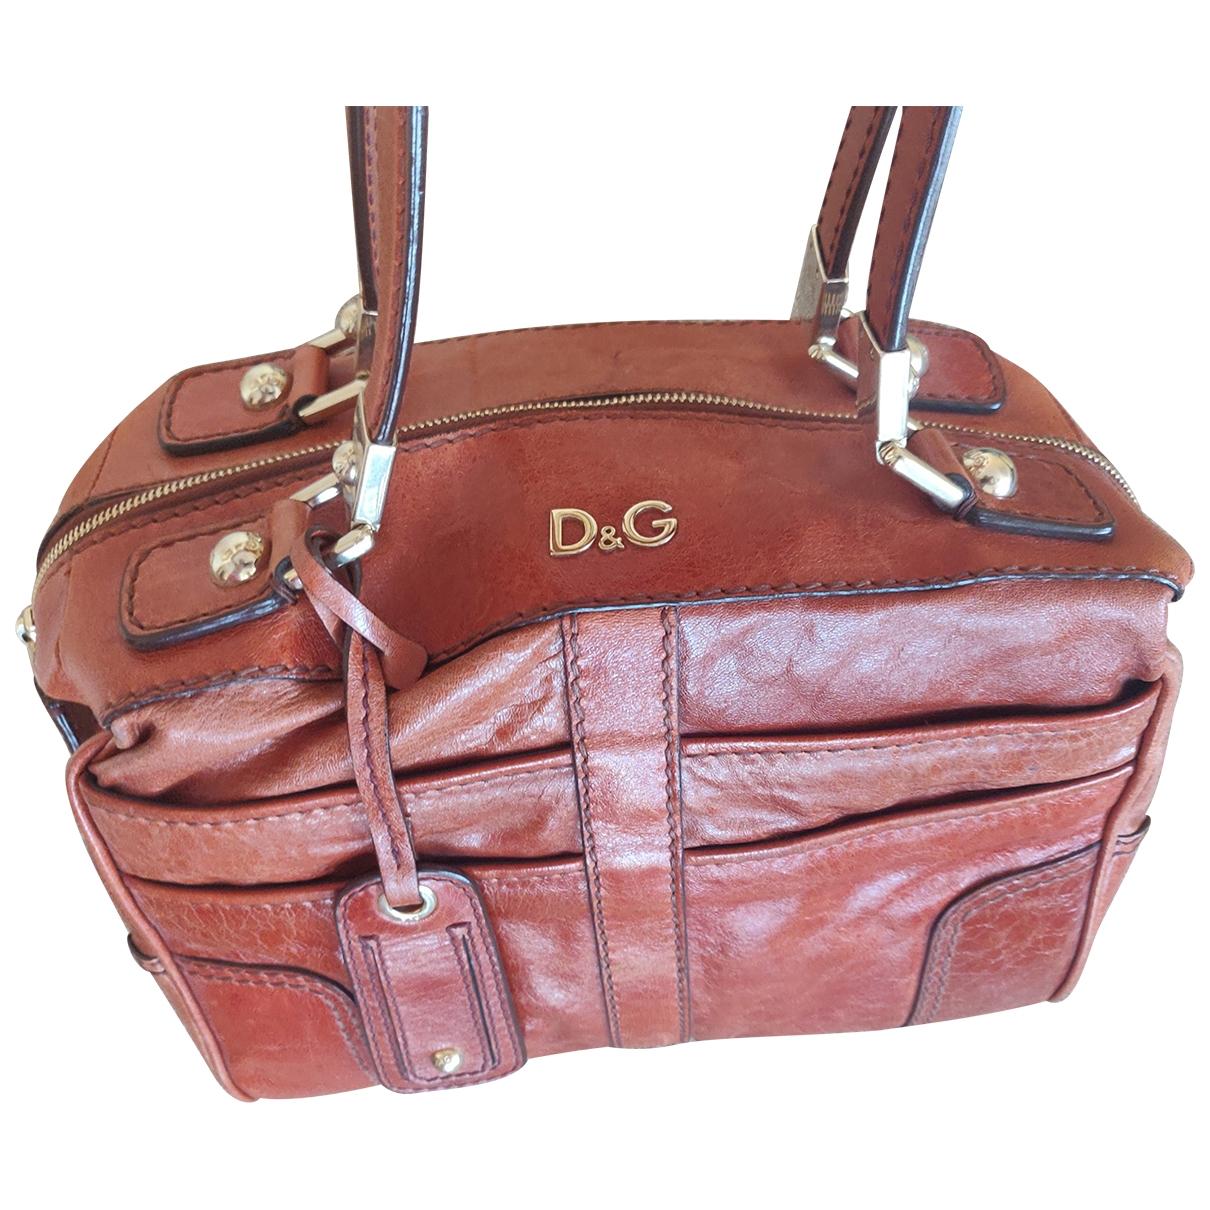 D&g \N Handtasche in  Braun Lackleder